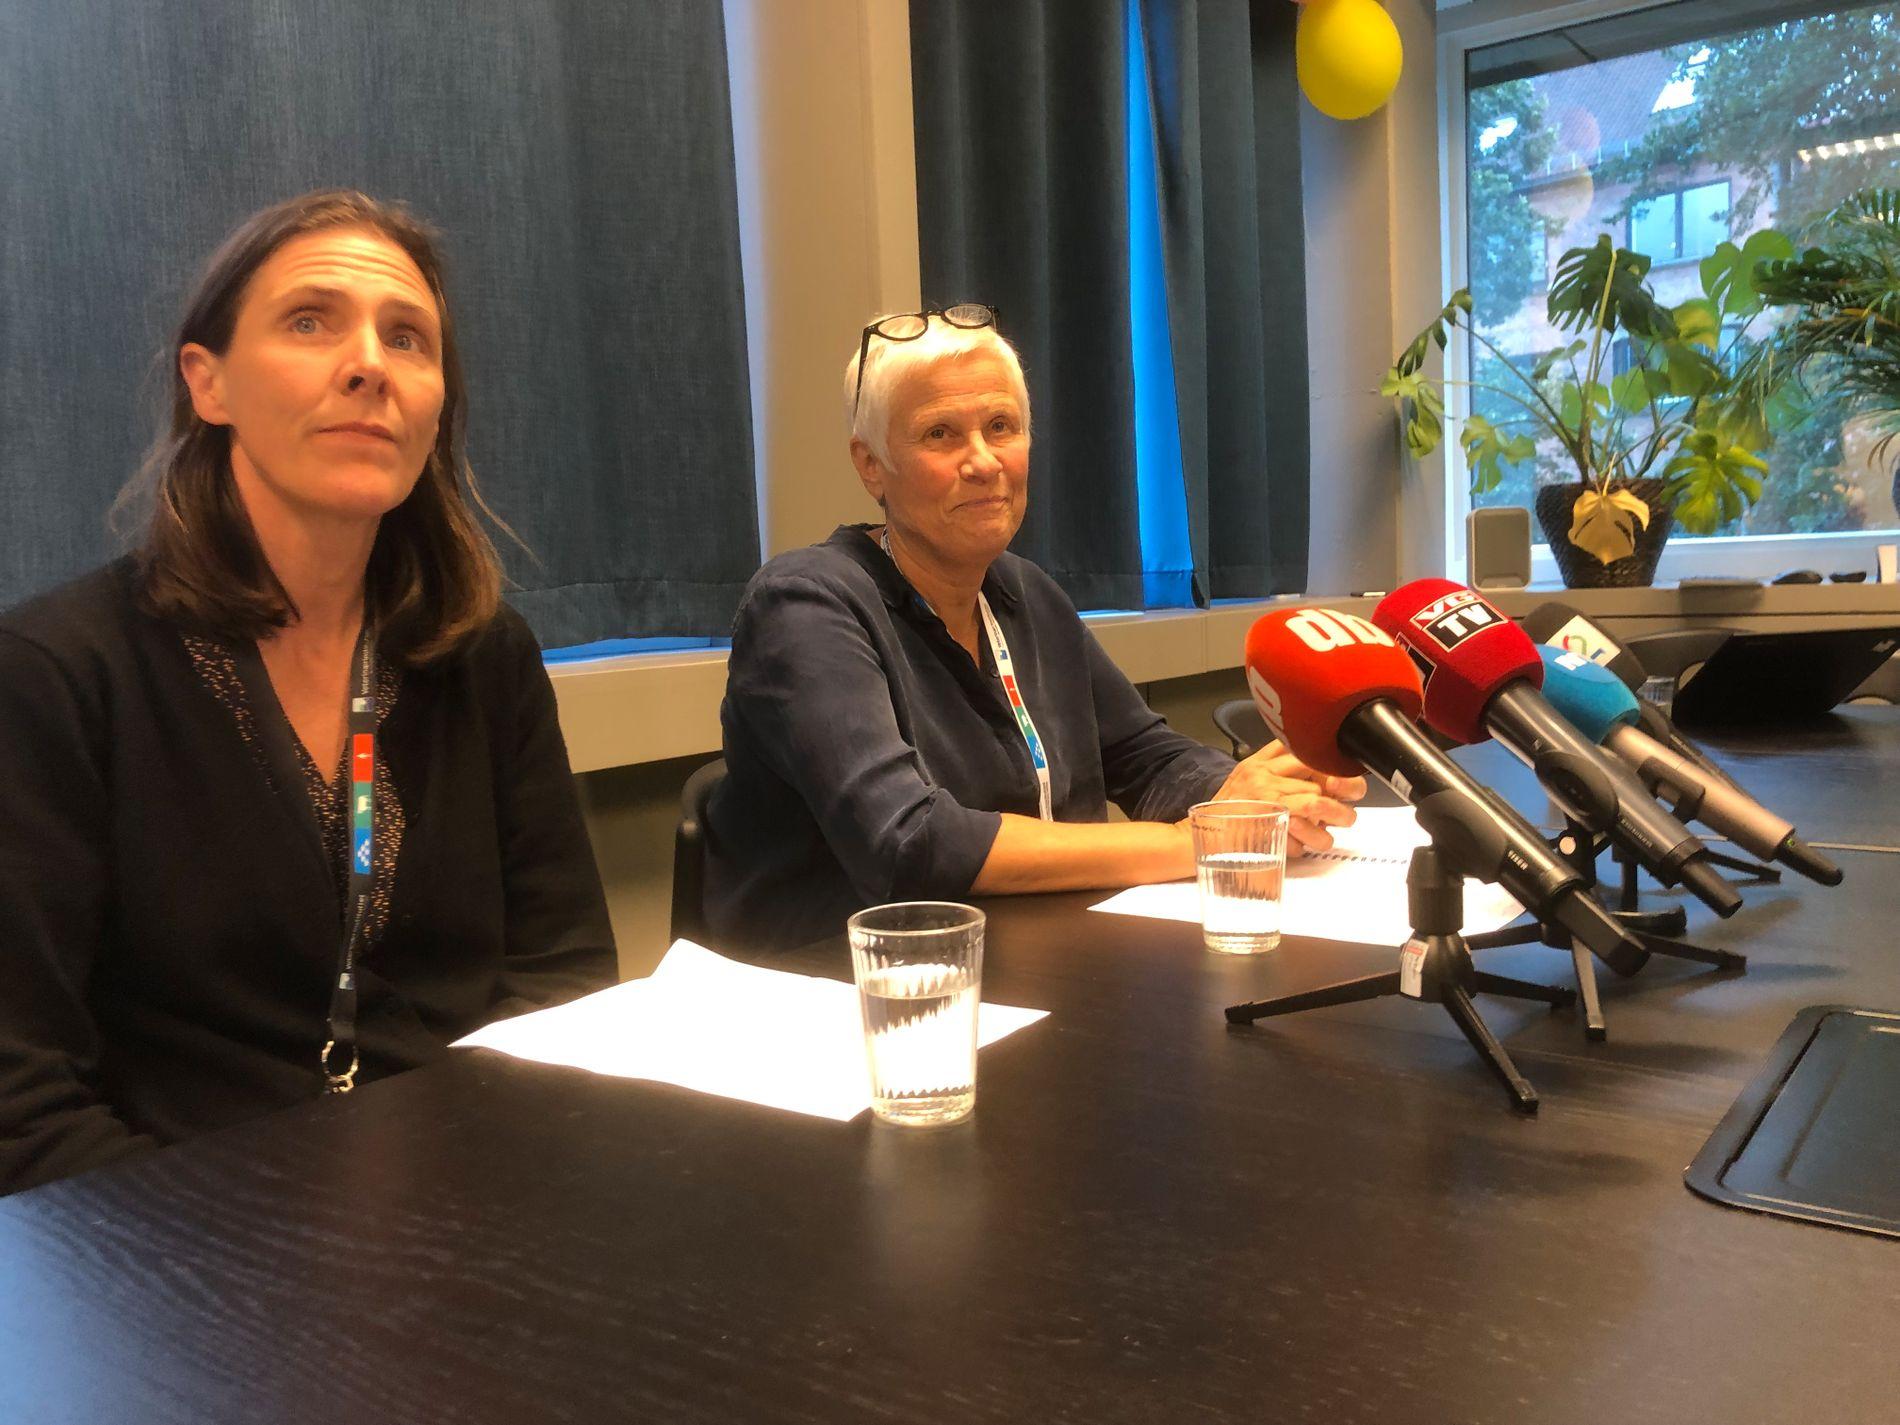 Forsker Hannah Joan Jørgensen og beredskaps- og sikkerhetsdirektør Jorun Jarp under en pressekonferanse hos Veterinærinstituttet, hvor de fredag orienterte om arbeidet med sykdommen som har rammet mange hunder den siste tiden.